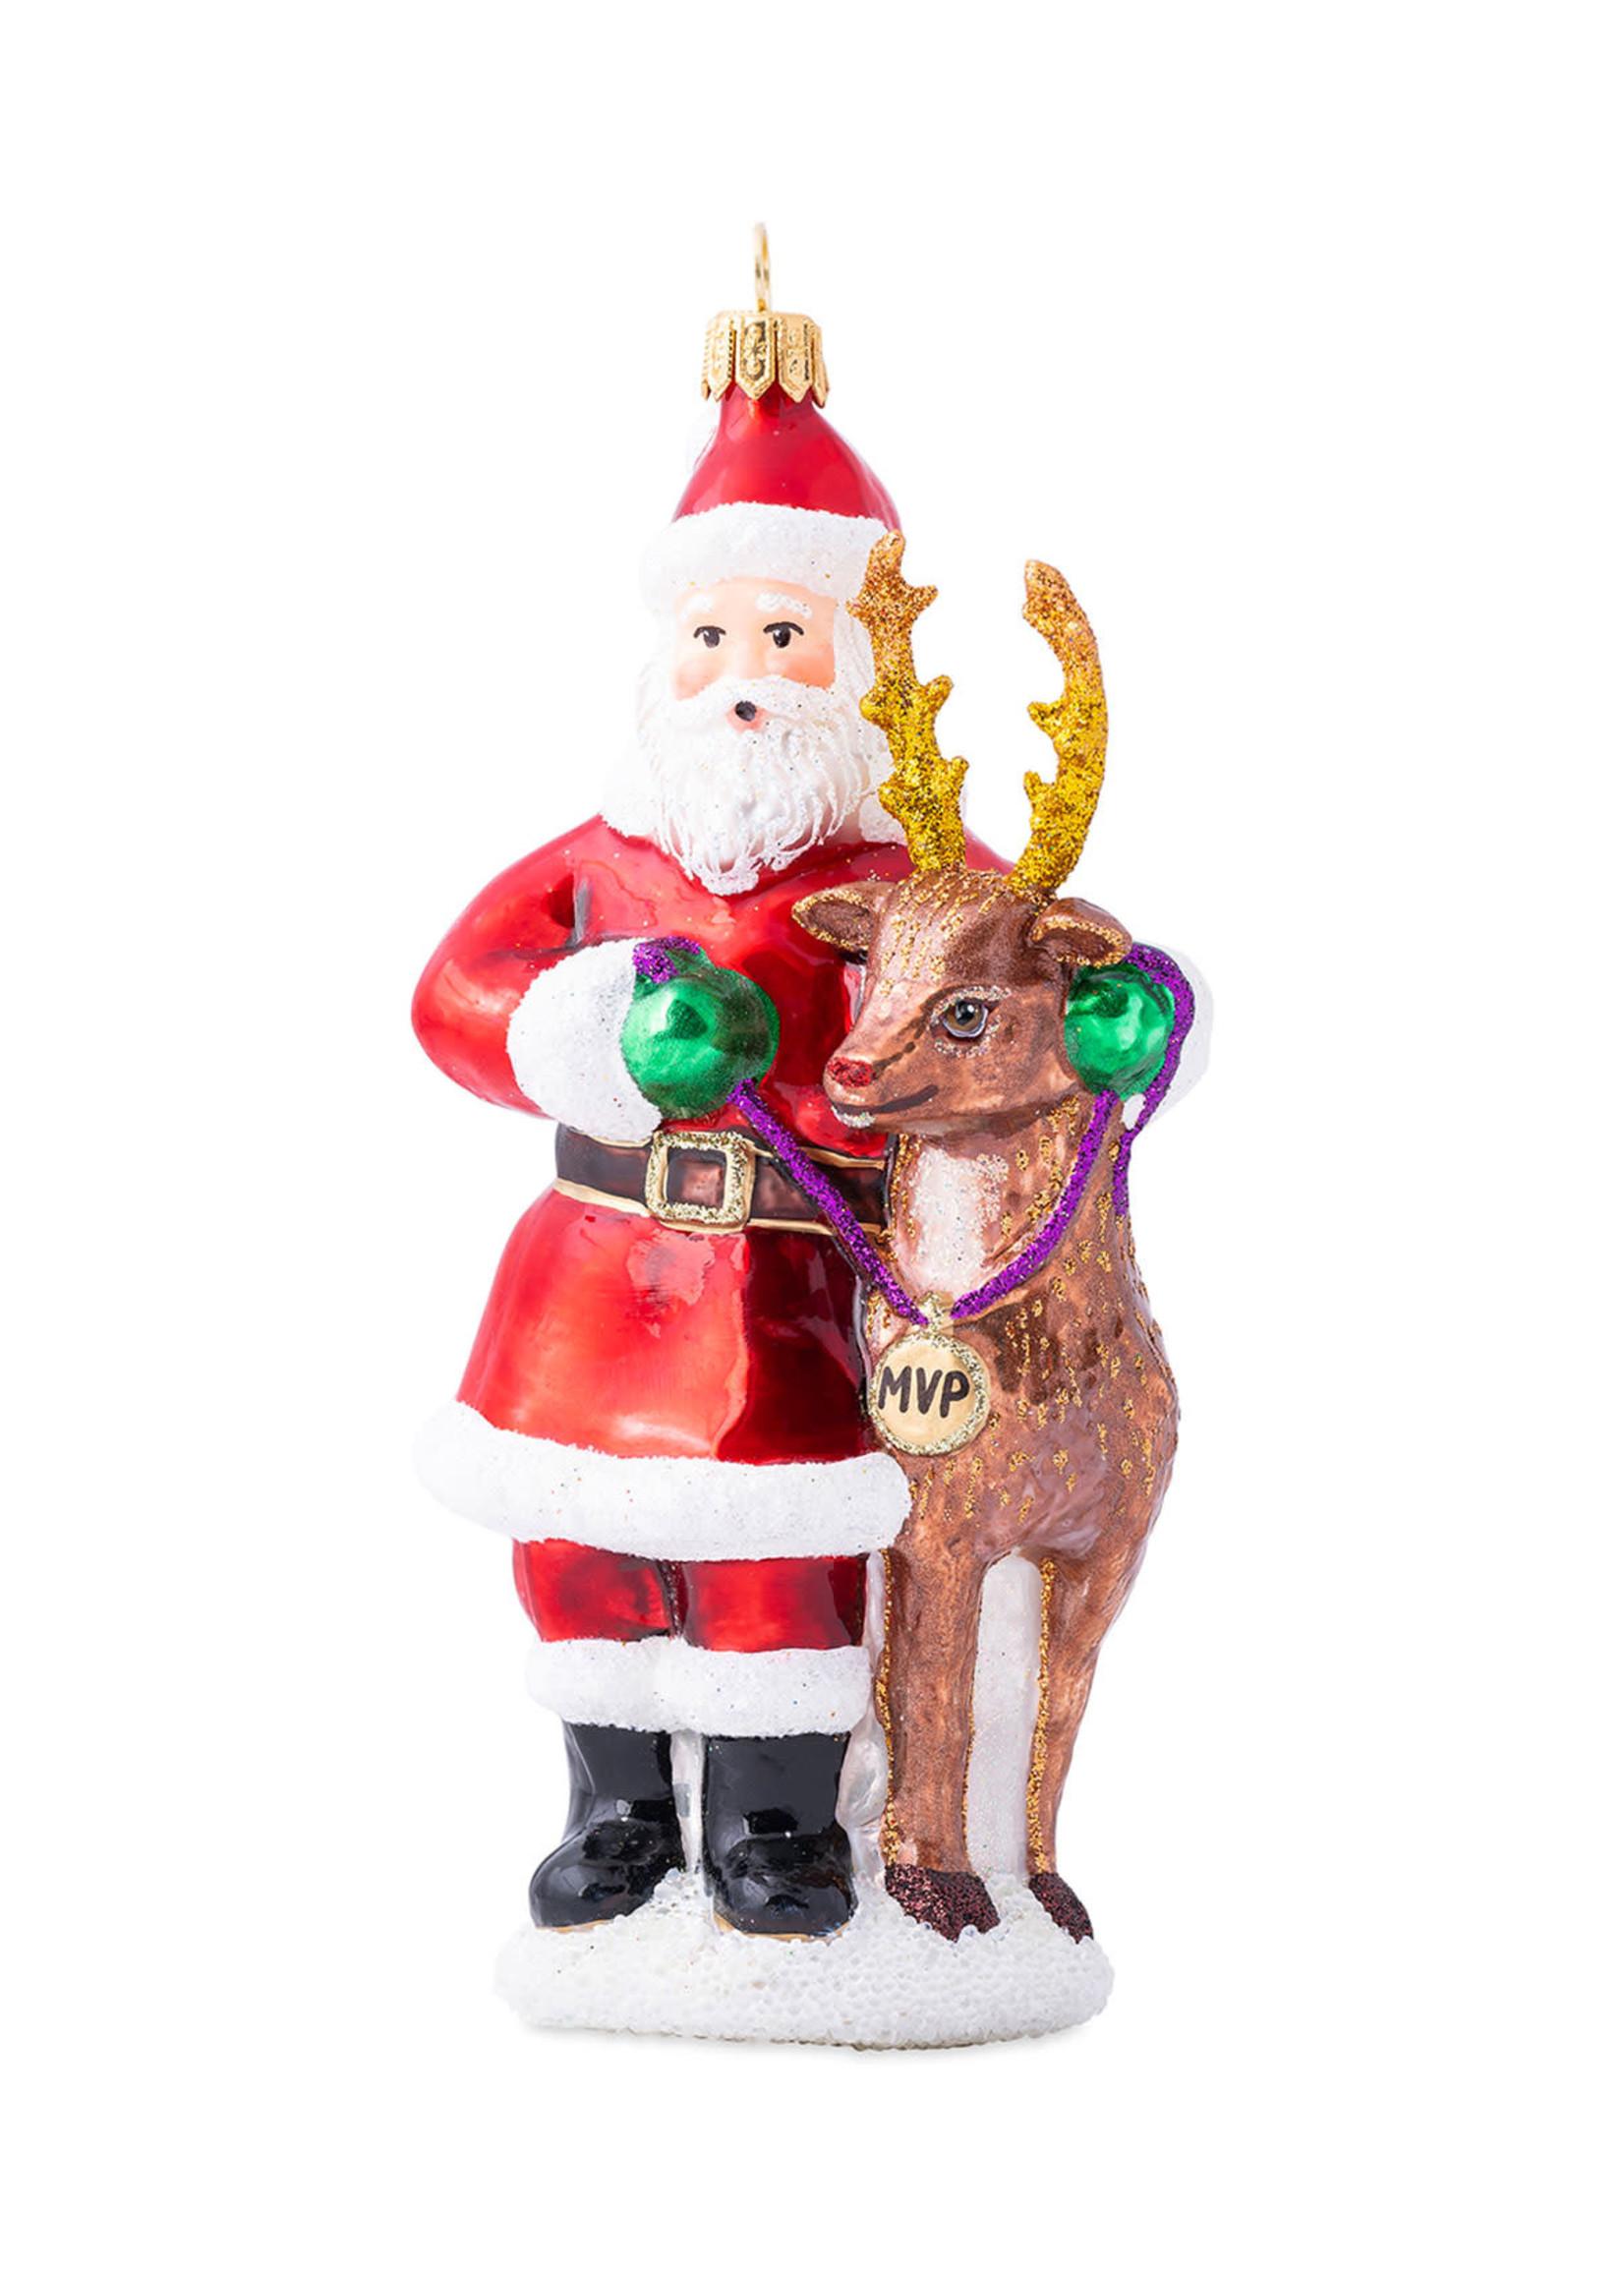 Juliska Ornament - Santa & Rudolph MVP